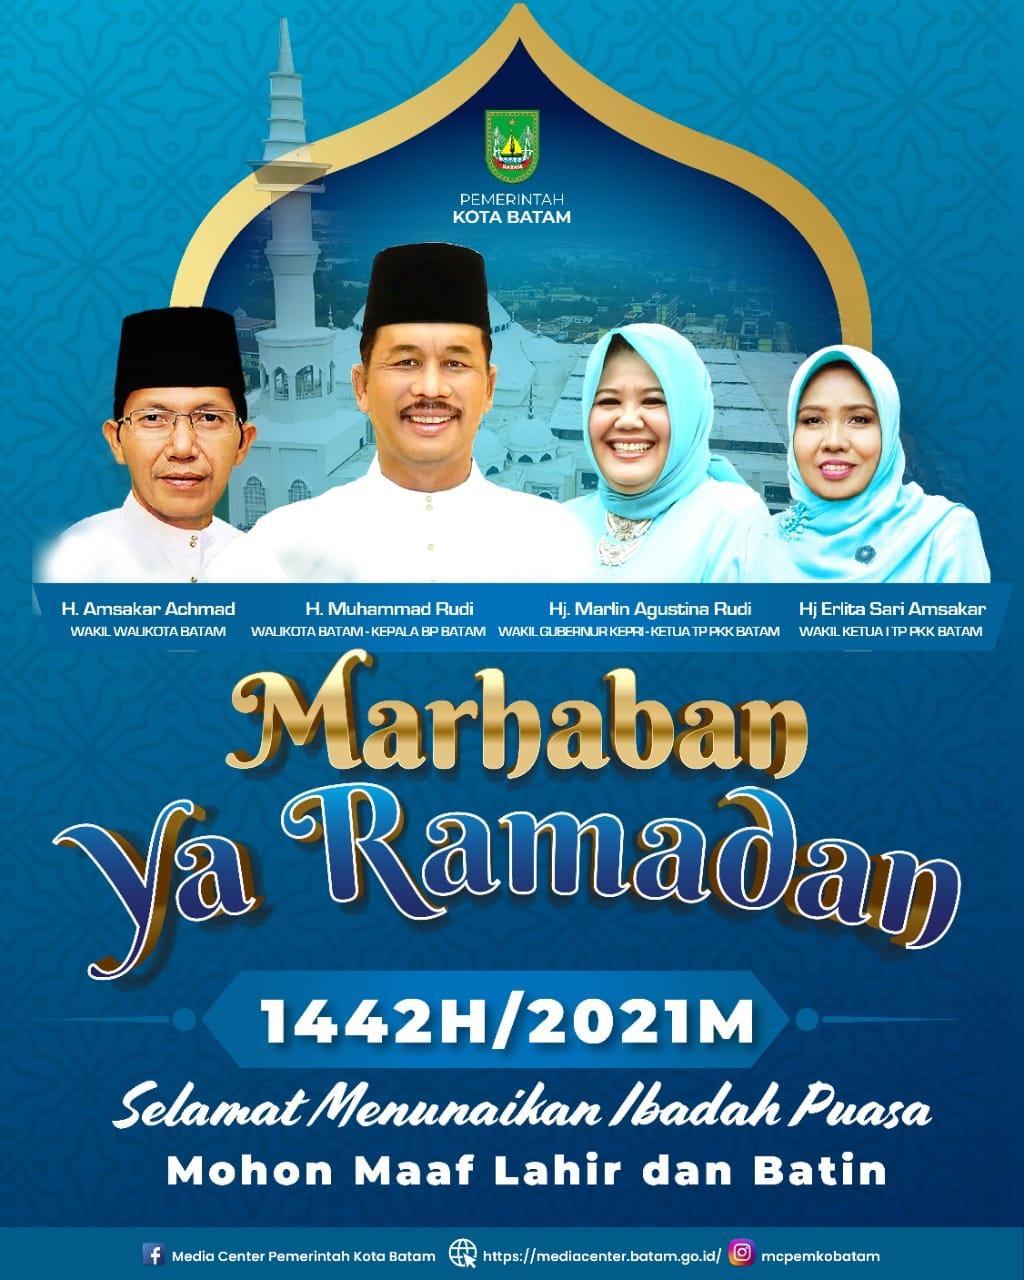 Rudi  Ajak Masyarakat Melaksanakan Surat Edaran Terkait Panduan Kegiatan Ibadah Selama Ramadan hingga Idul Fitri